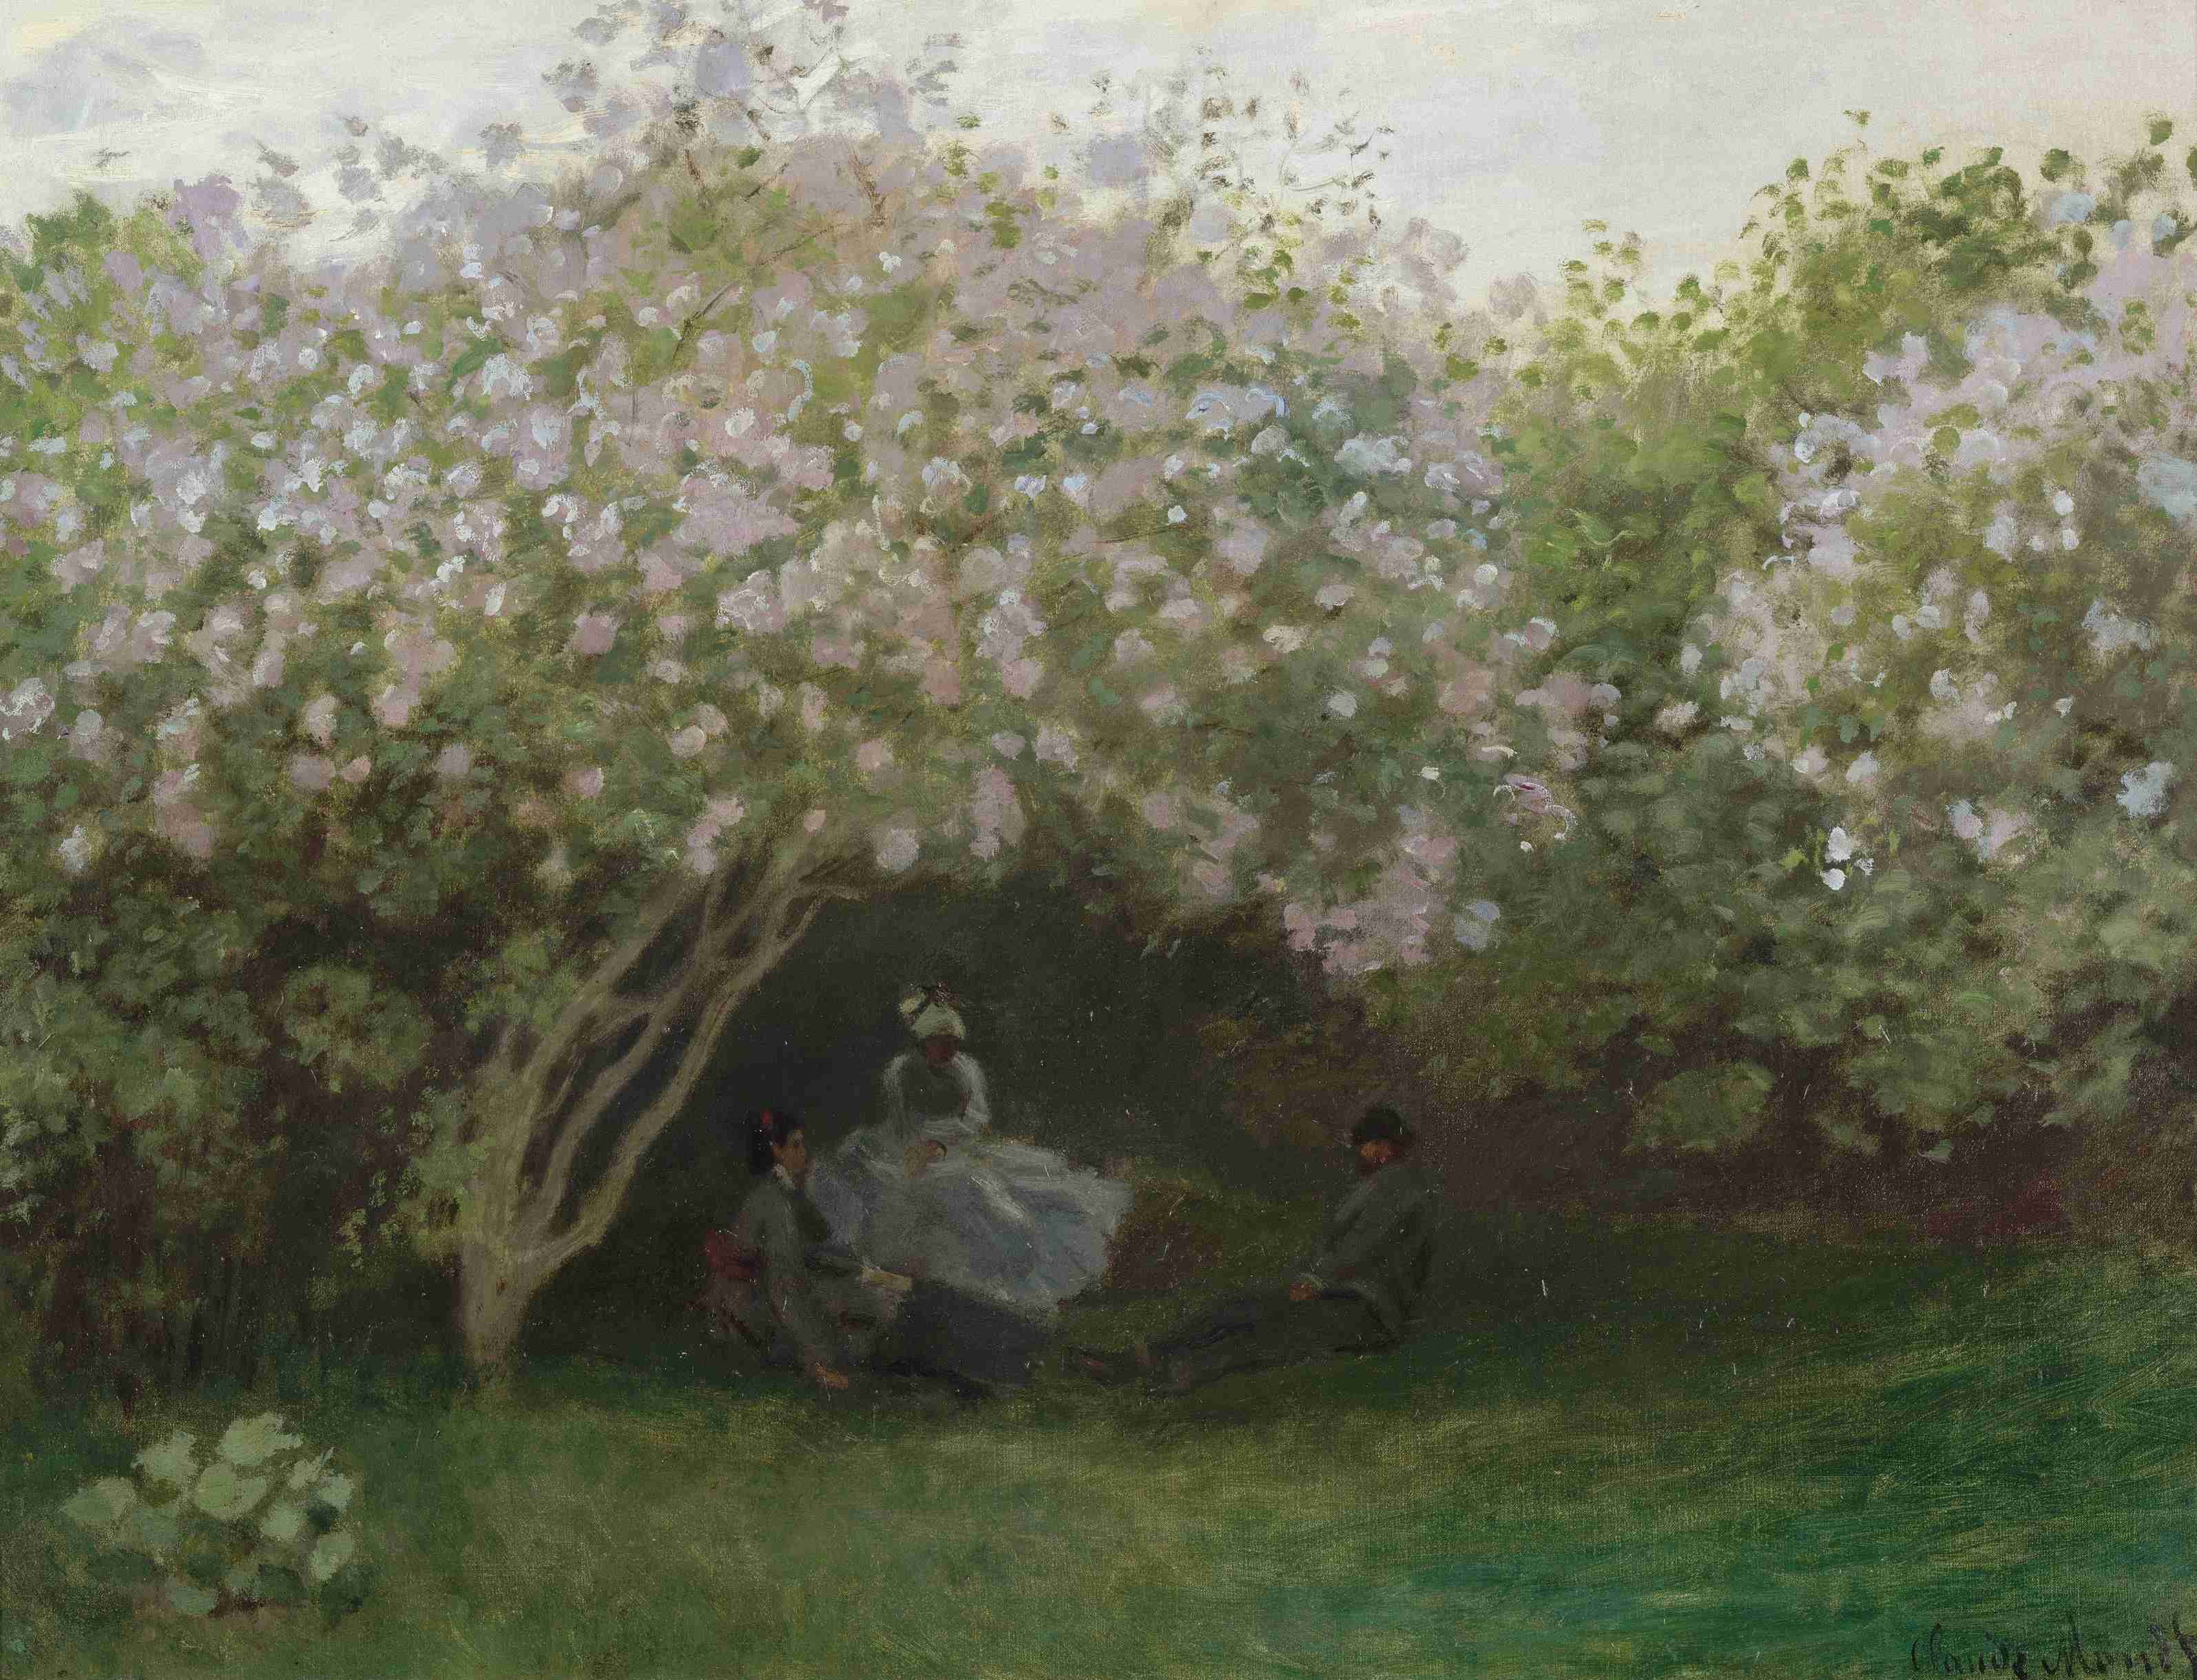 пейзаж < Сирень >:: Клод Моне, описание картины - Моне Клод (Claude Monet) фото